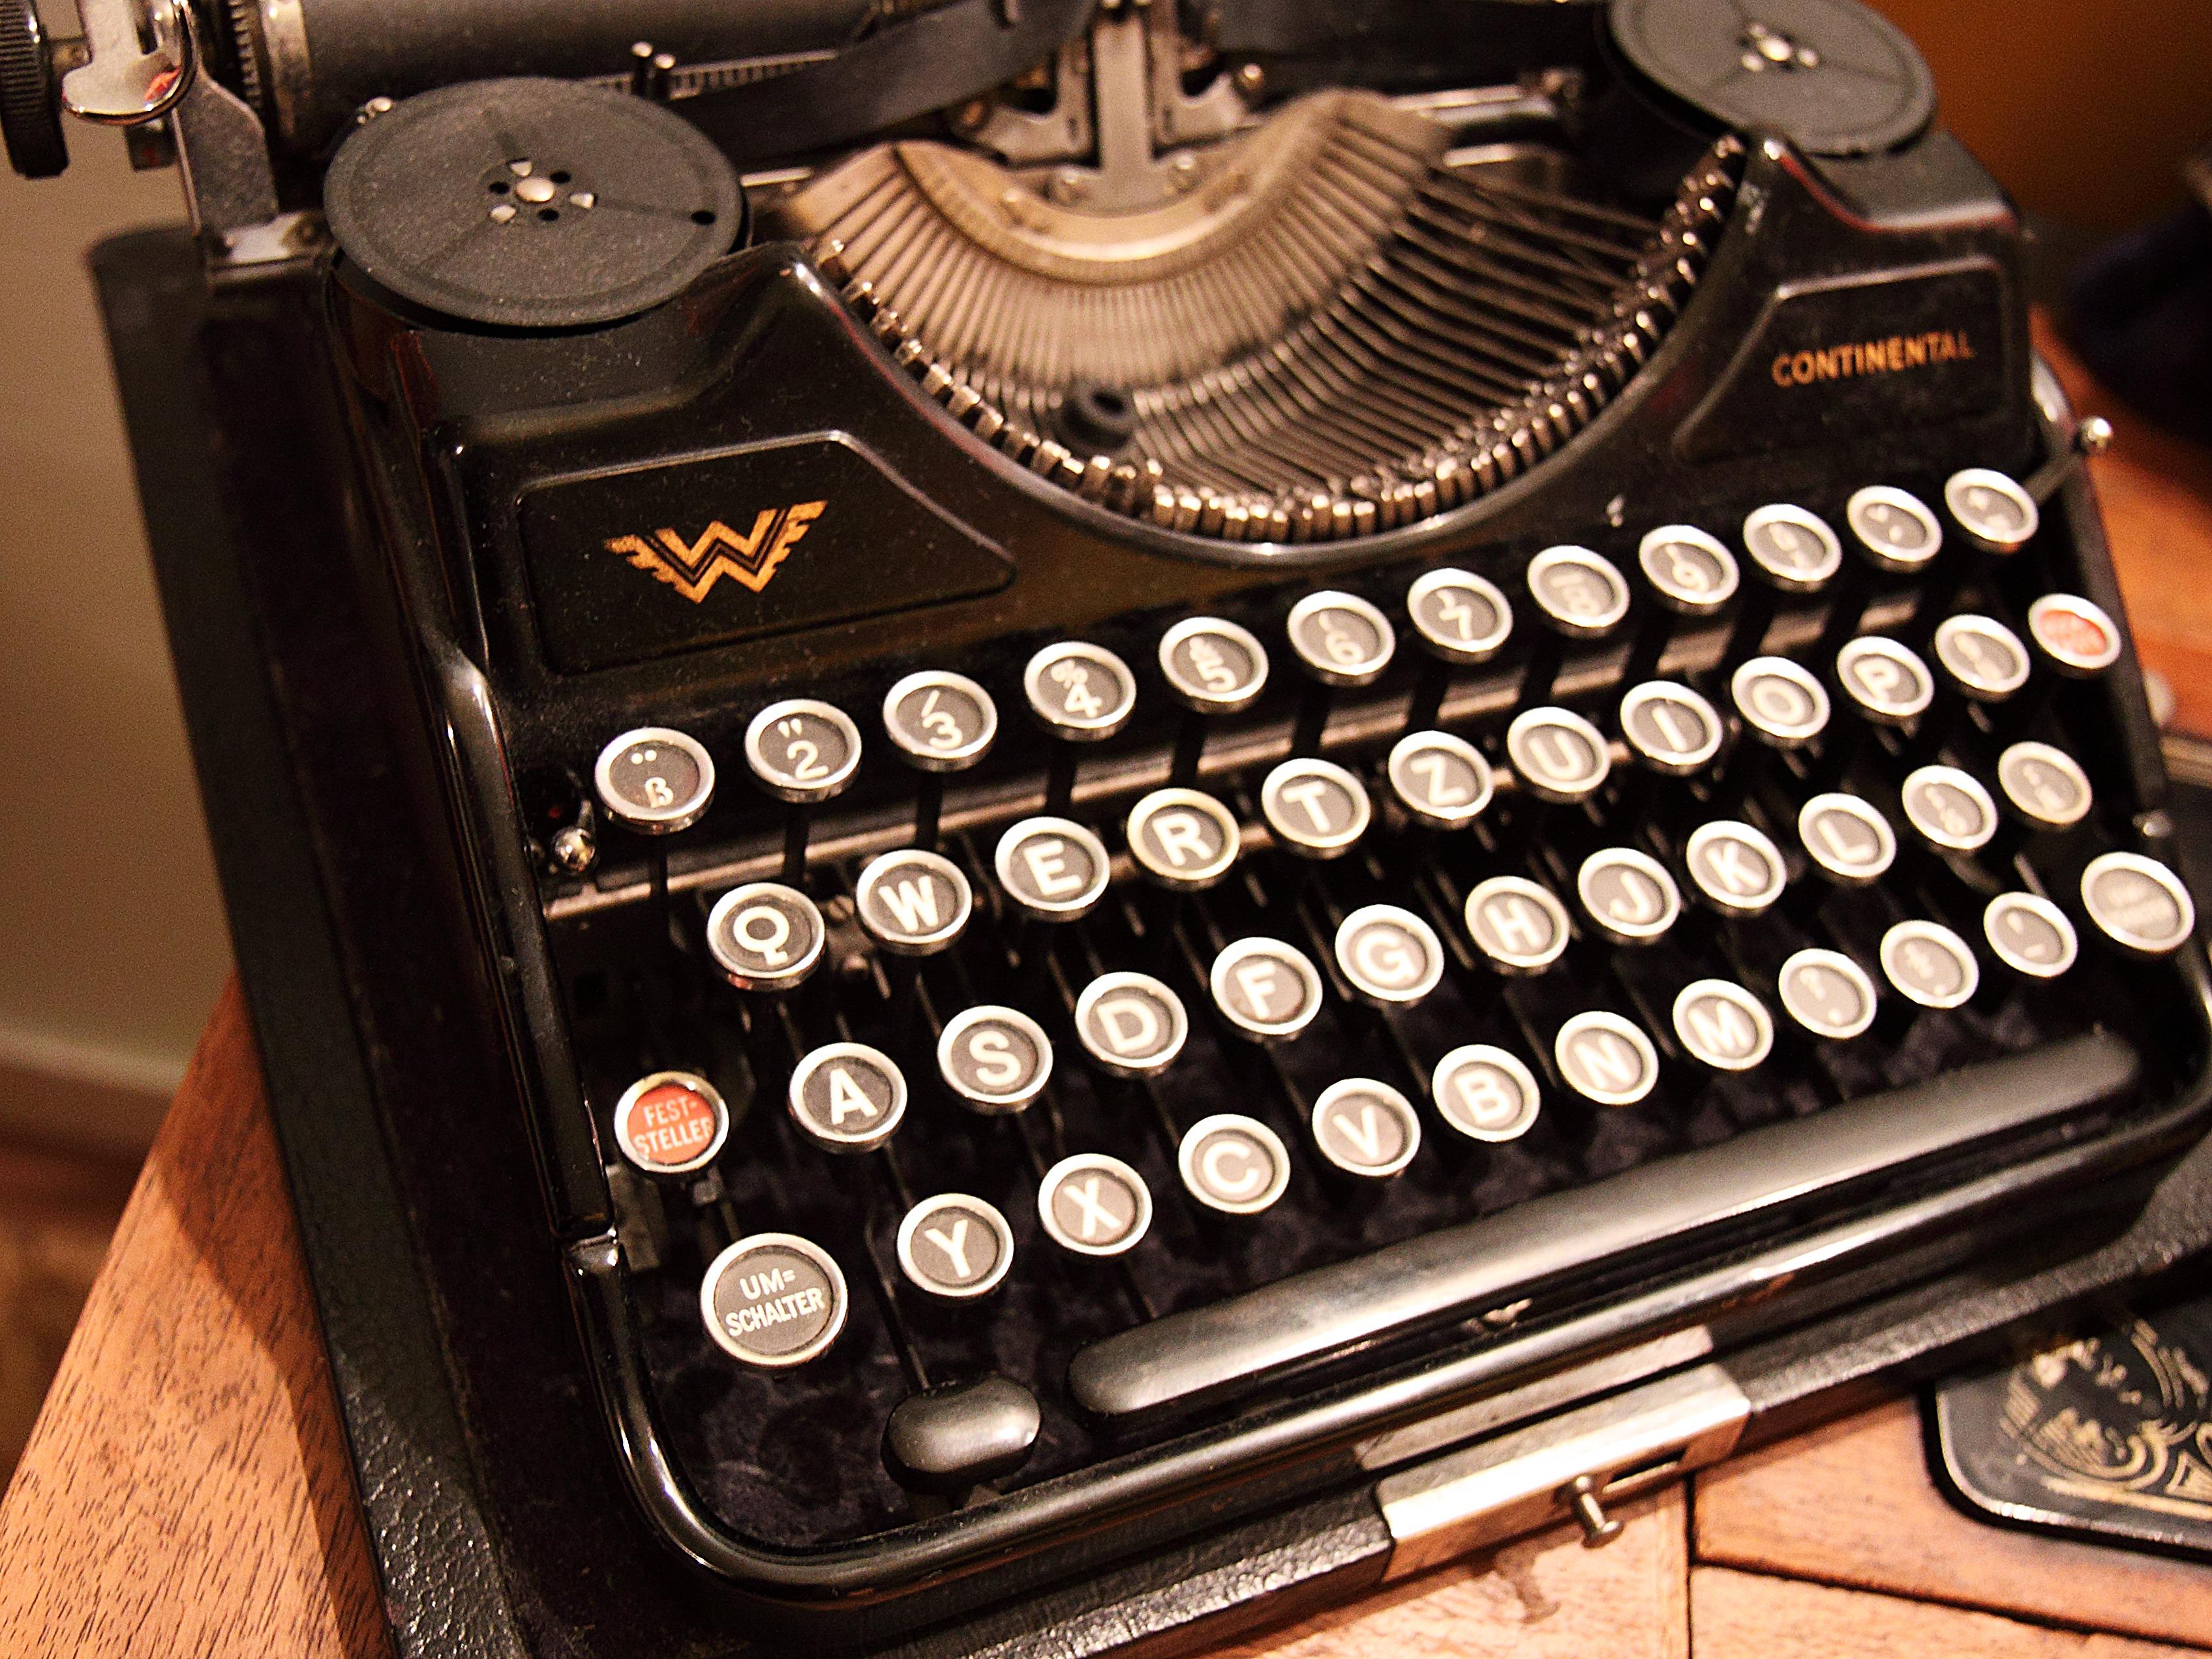 тонкости биографии фото старые печатные машинки могут быть